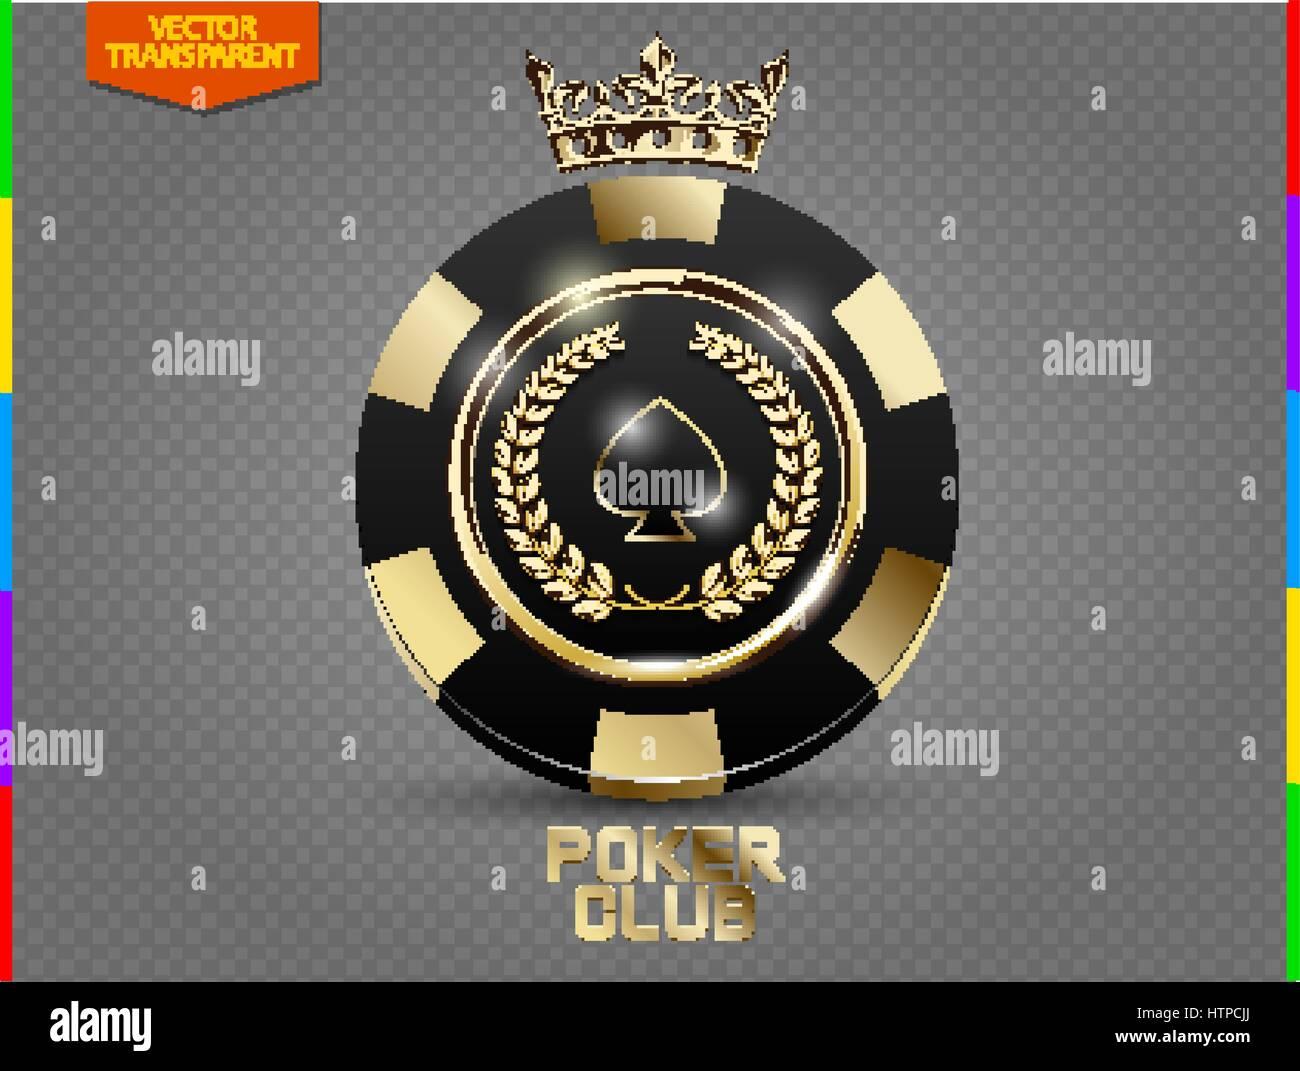 royal casino poker club